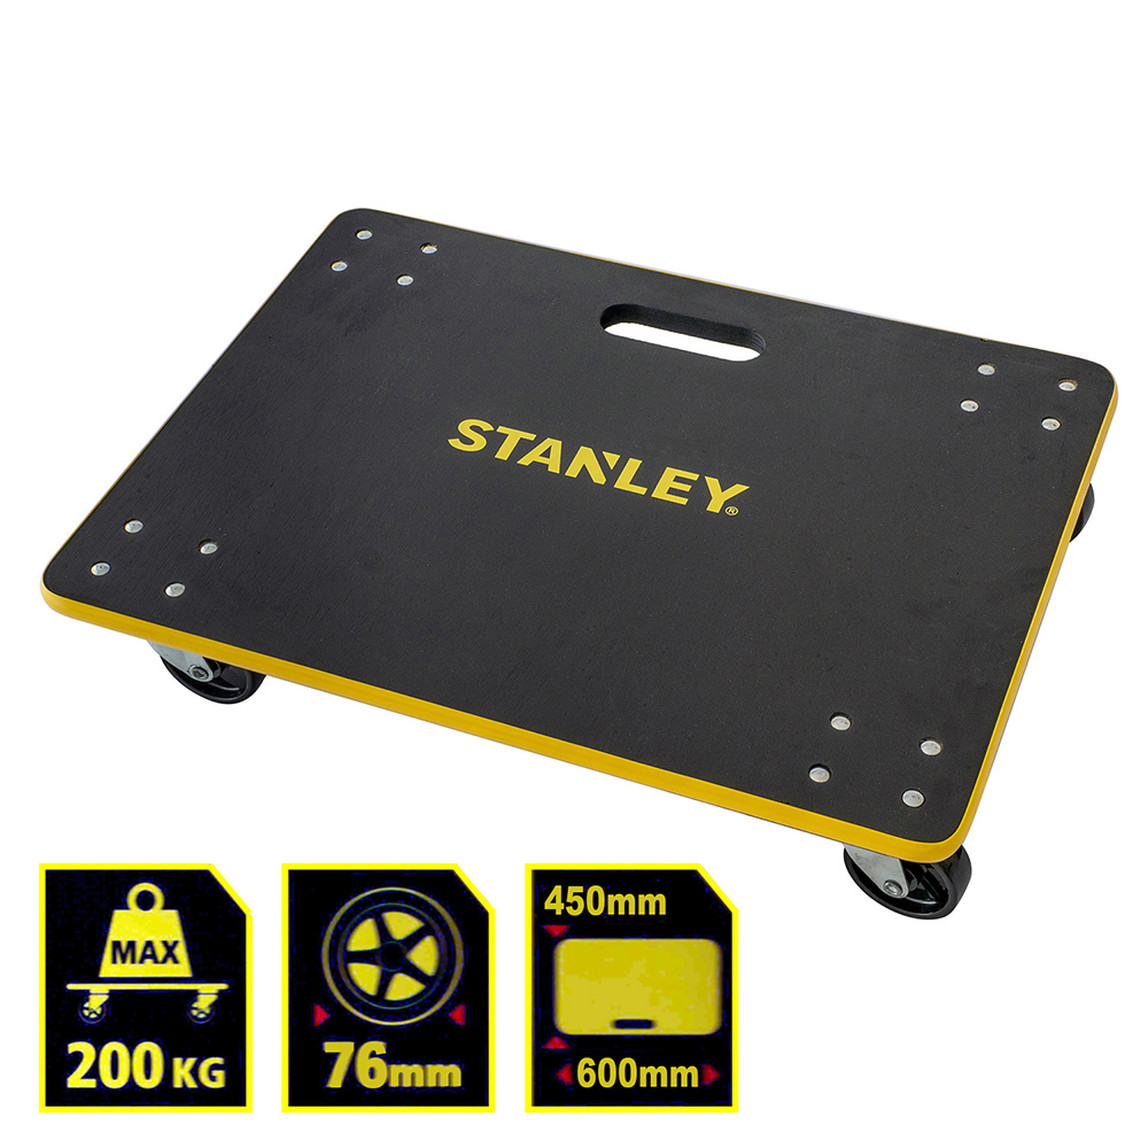 Stanley MS573 200kg 60x45cm Dört Tekerli Yük ve Paket Taşıma Arabası